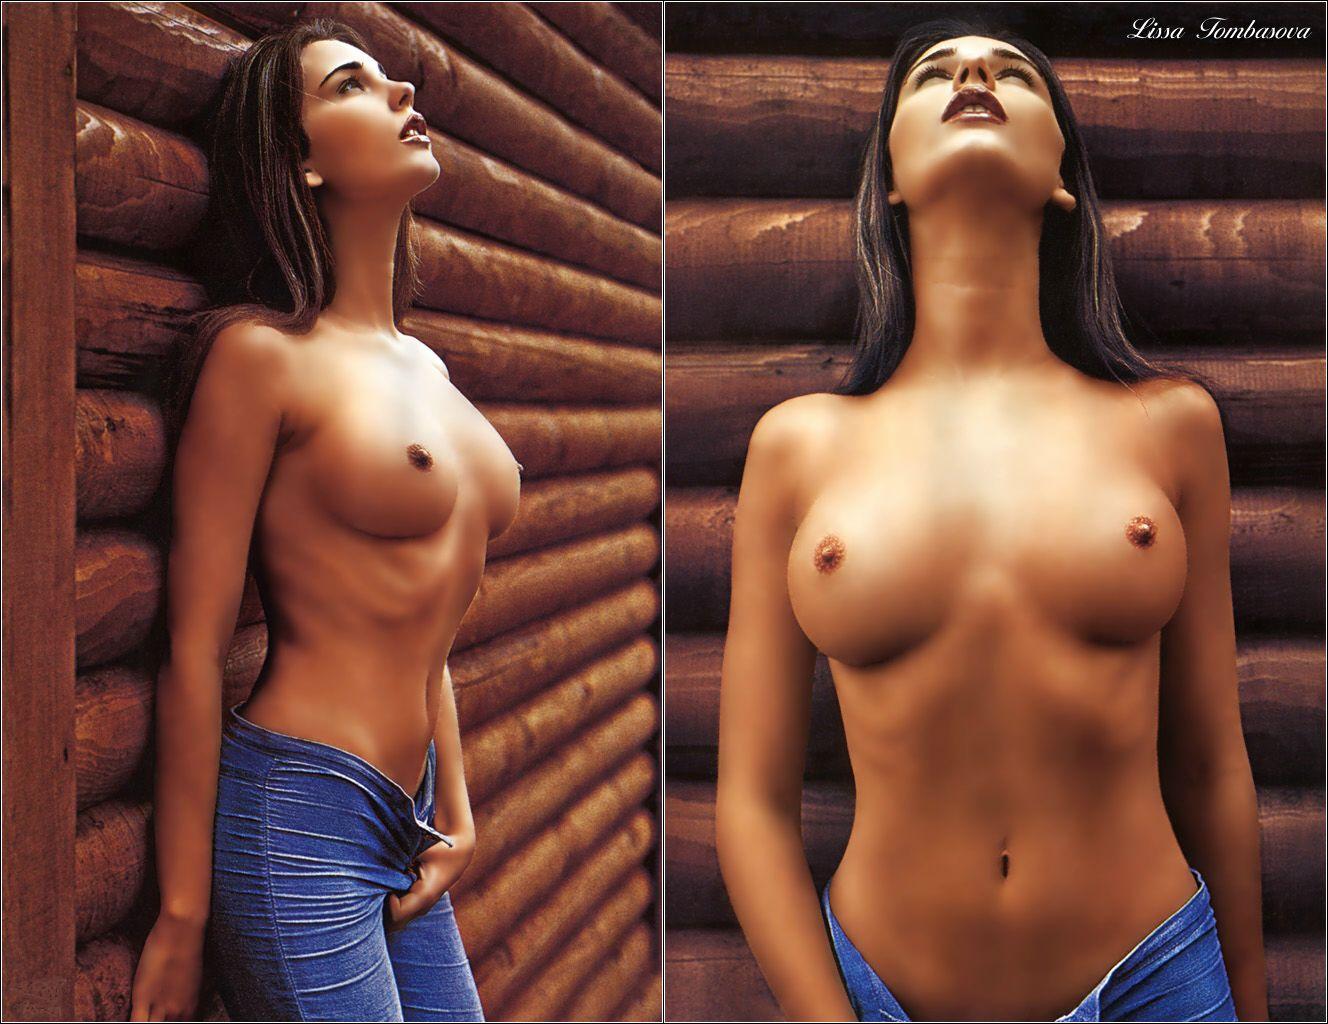 Фото идеальной женской груди голой